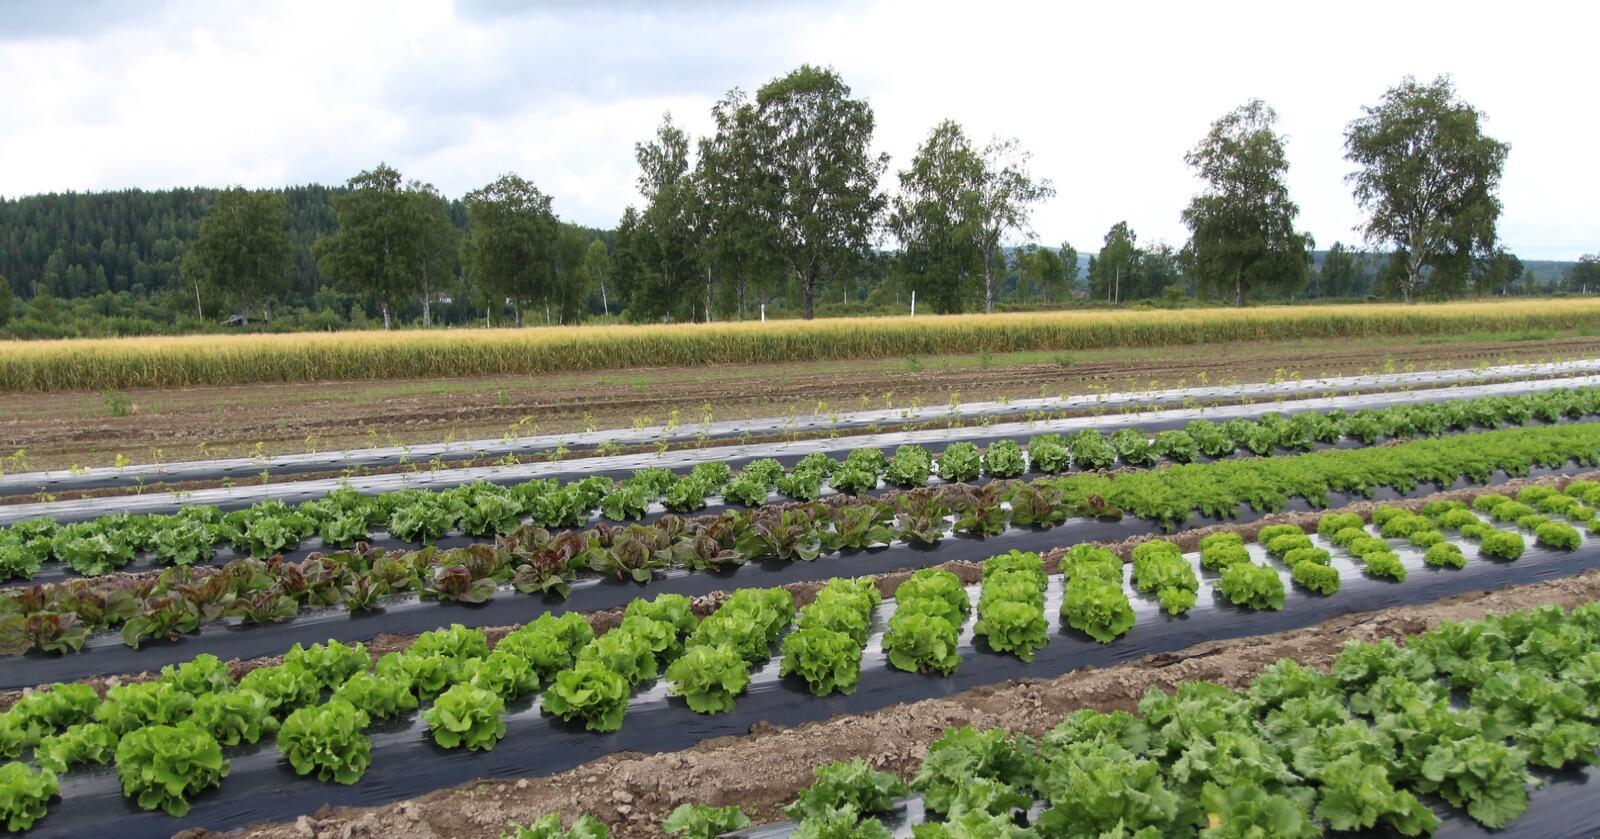 Rekord: Norske produsenter av frukt og grønt har aldri oppnådd høyere priser enn i 2020. (Foto: Kristin Bergo)